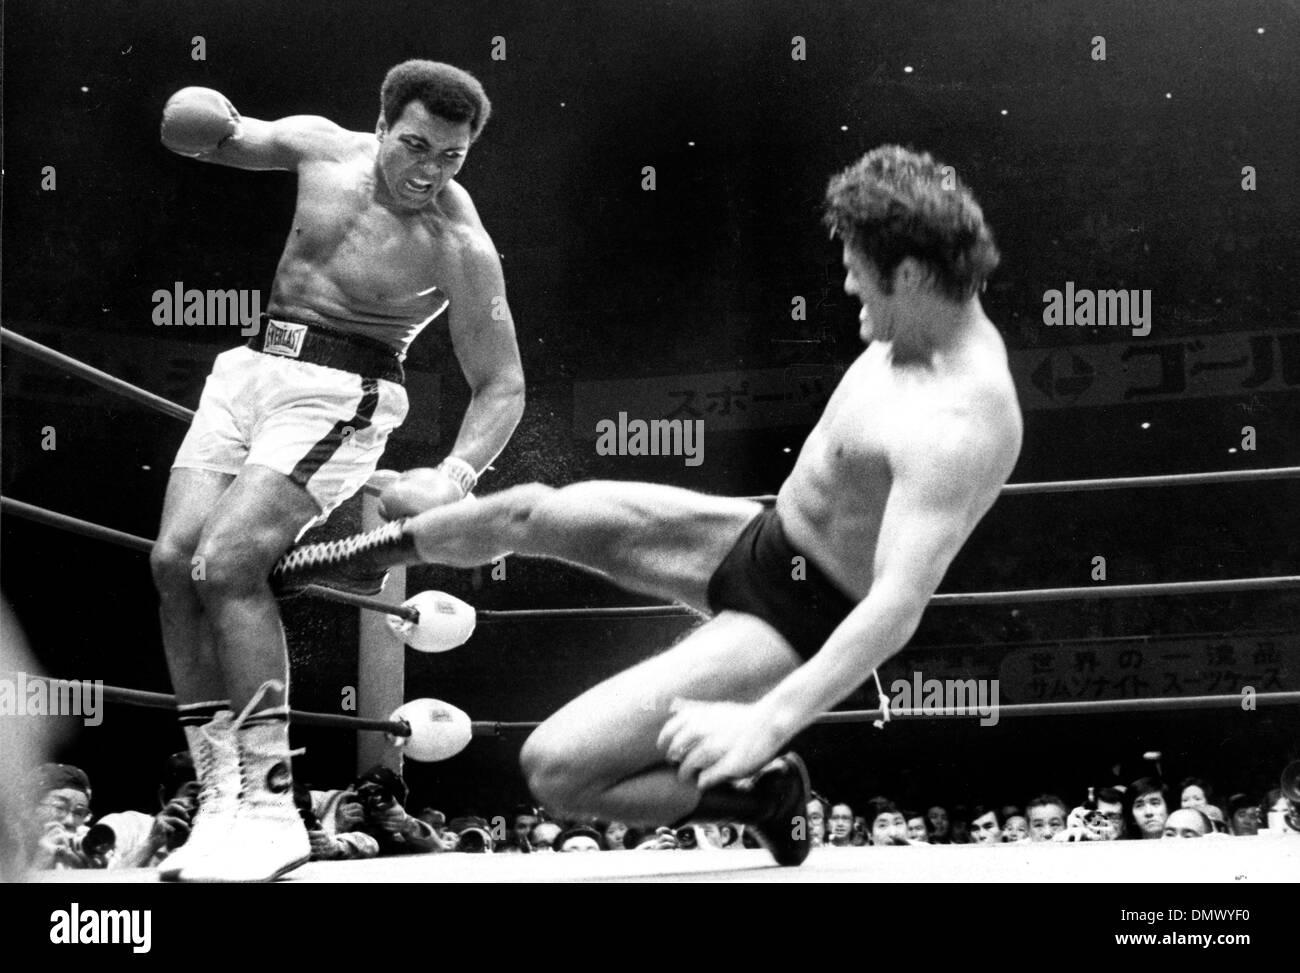 Avril 11, 1956 - Tokyo, Japon - Muhammad Ali ou Cassius Clay, le boxeur comme dominante des années 1960 et Photo Stock